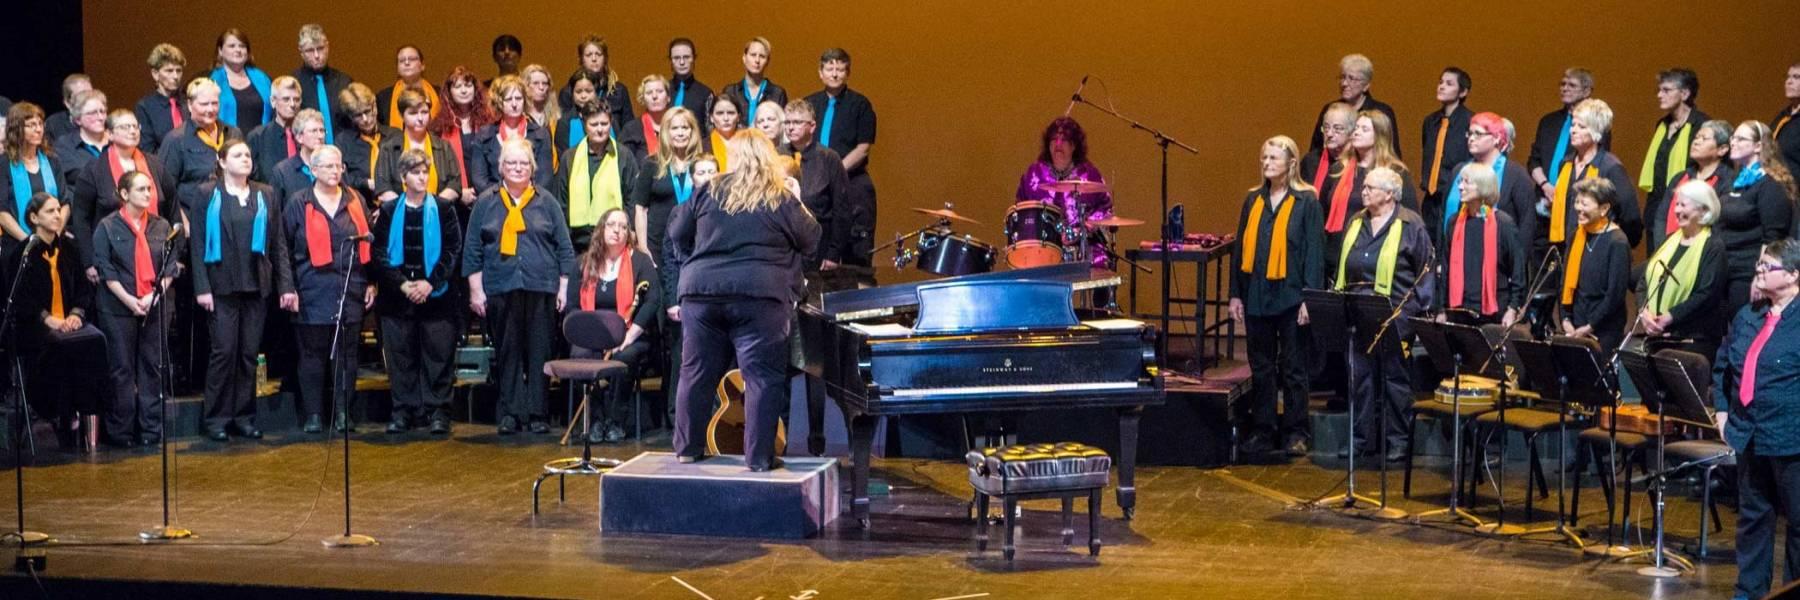 Soromundi Lesbian Chorus of Eugene